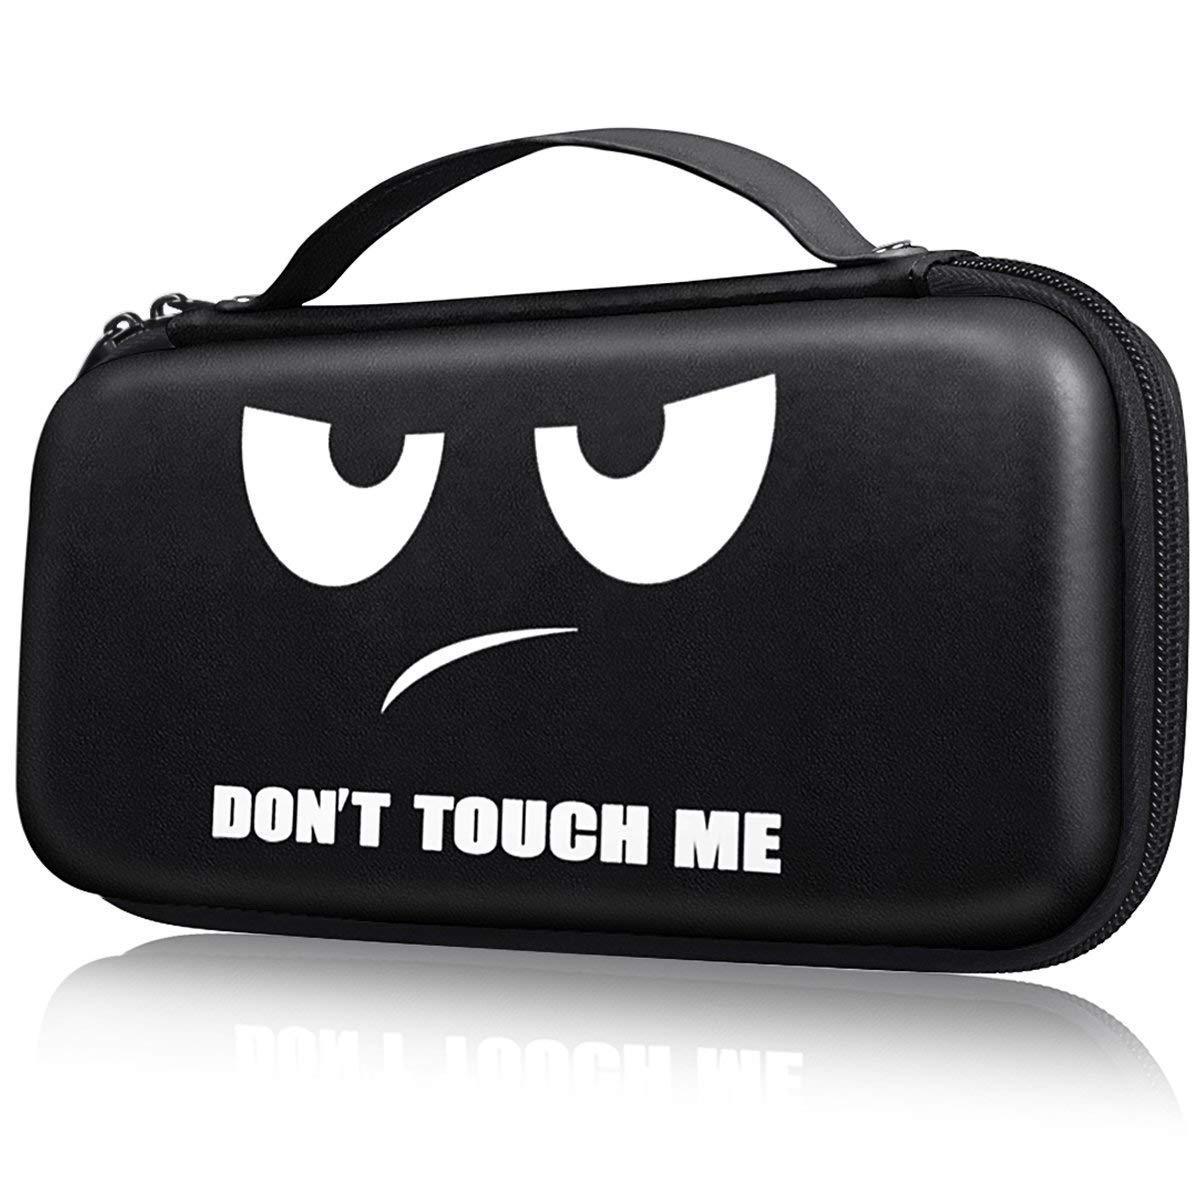 Черный чехол Don't touch me для Nintendo Switch Купить в Украине Нинтендо свитч